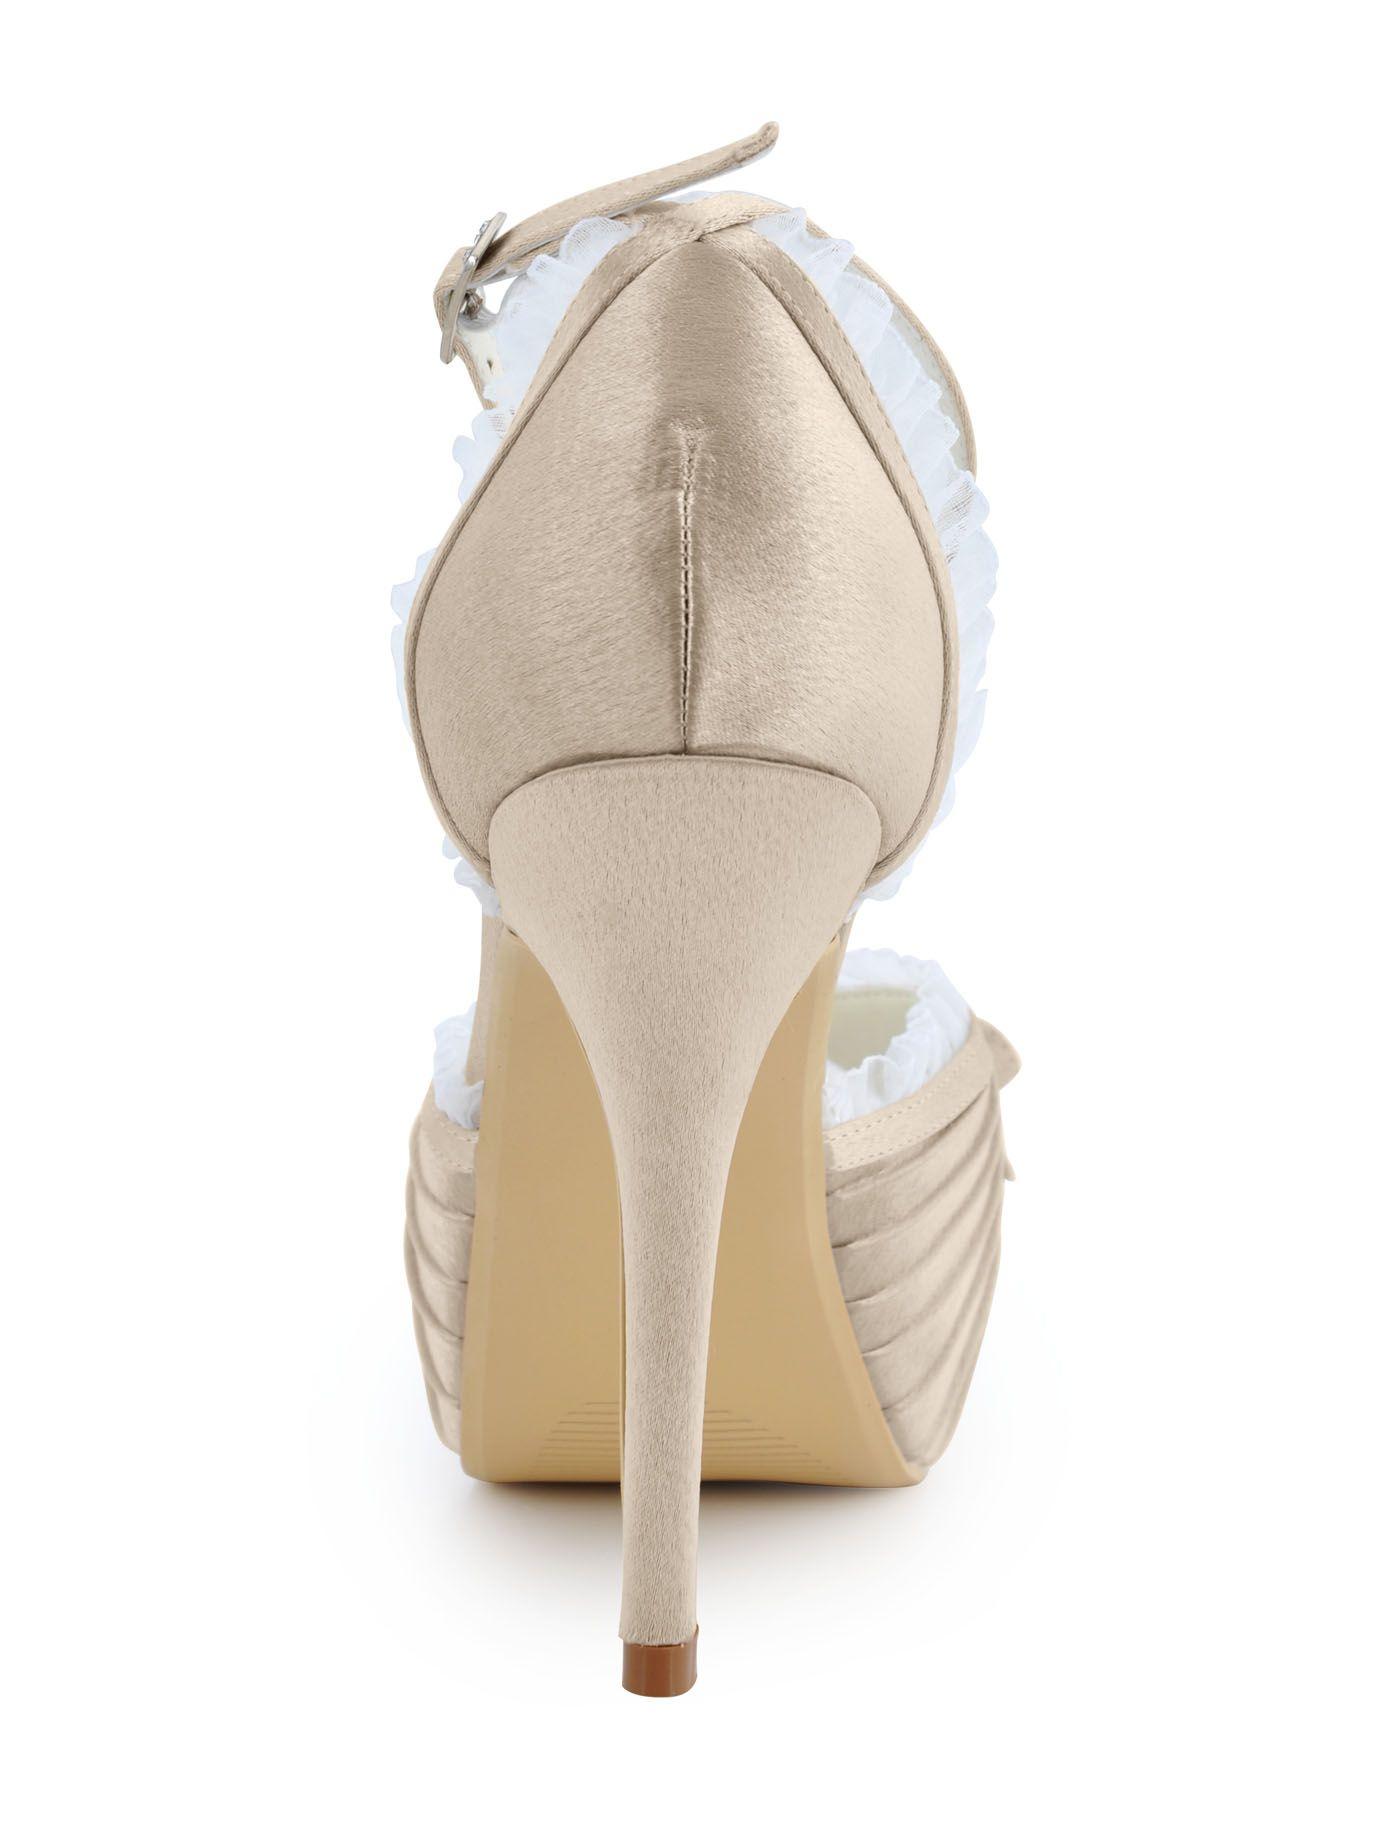 De Nieuwe Ultra-hoge Hakken Feestschoenen Beige Satijnen Handgemaakte Custom Trouwschoenen Bruidsschoenen